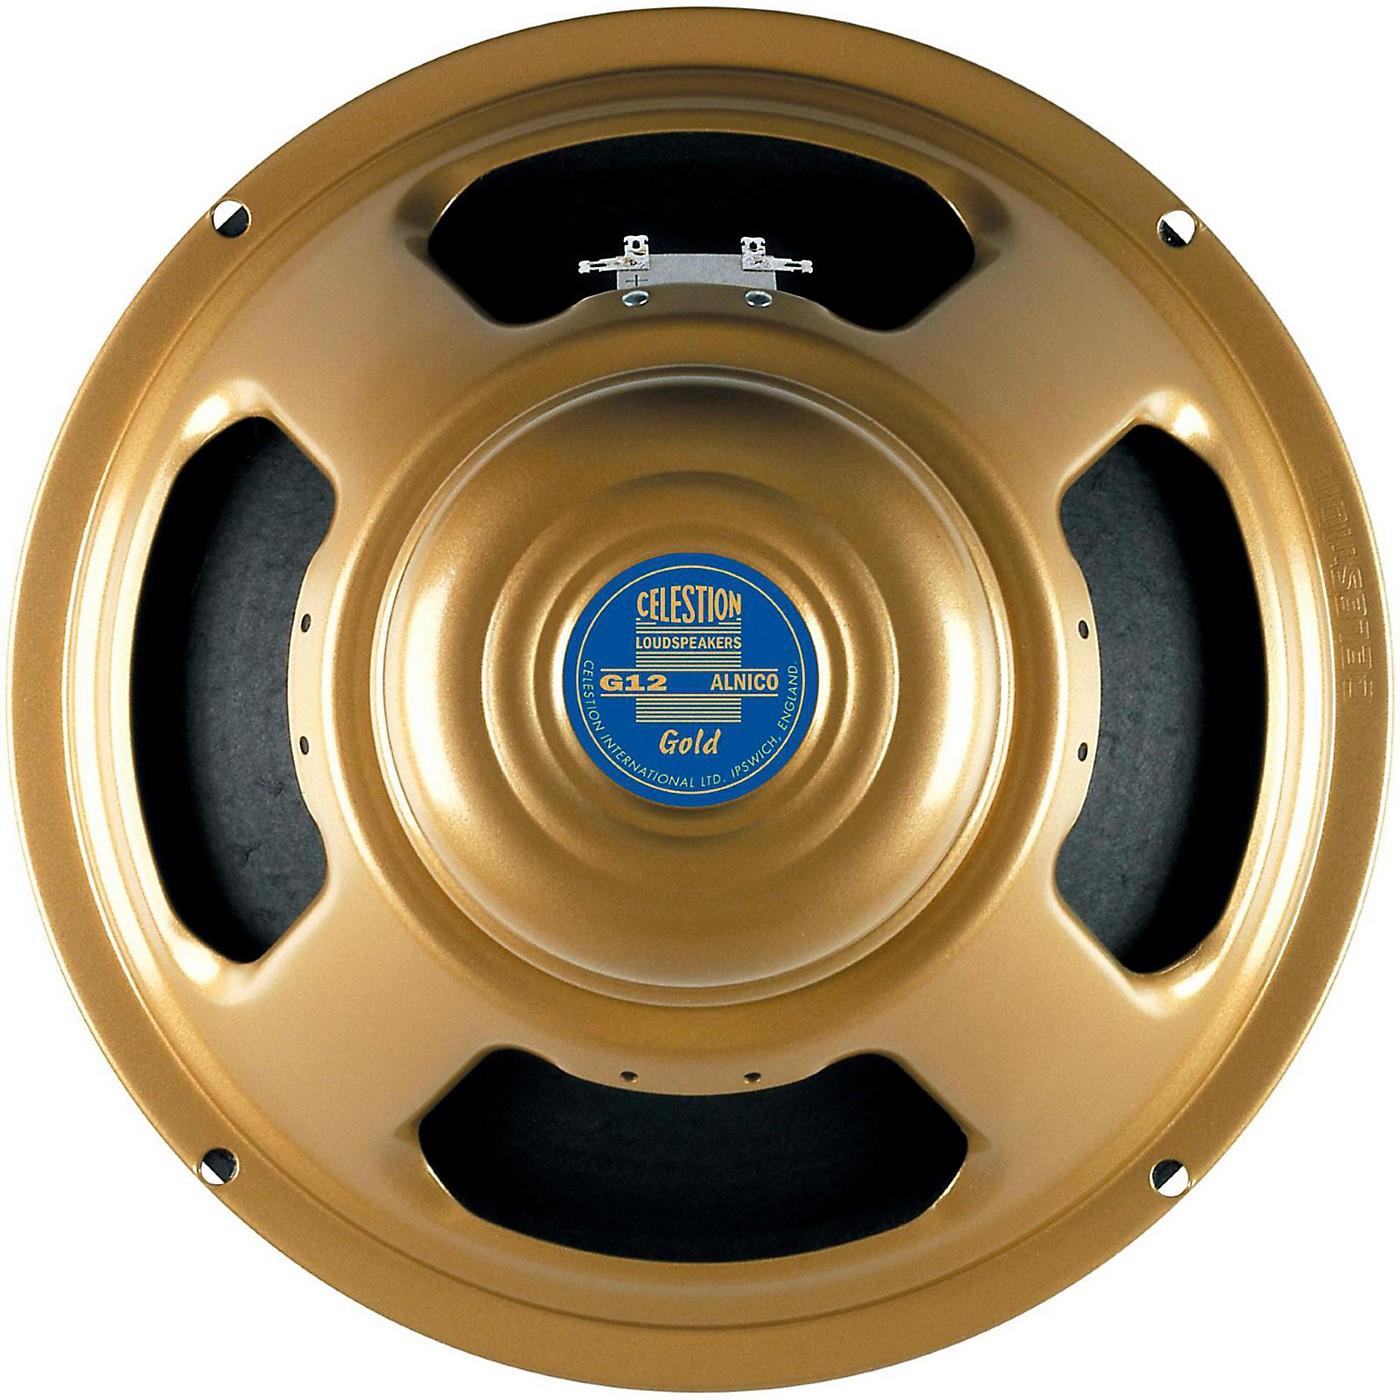 Celestion Gold 50W, 12